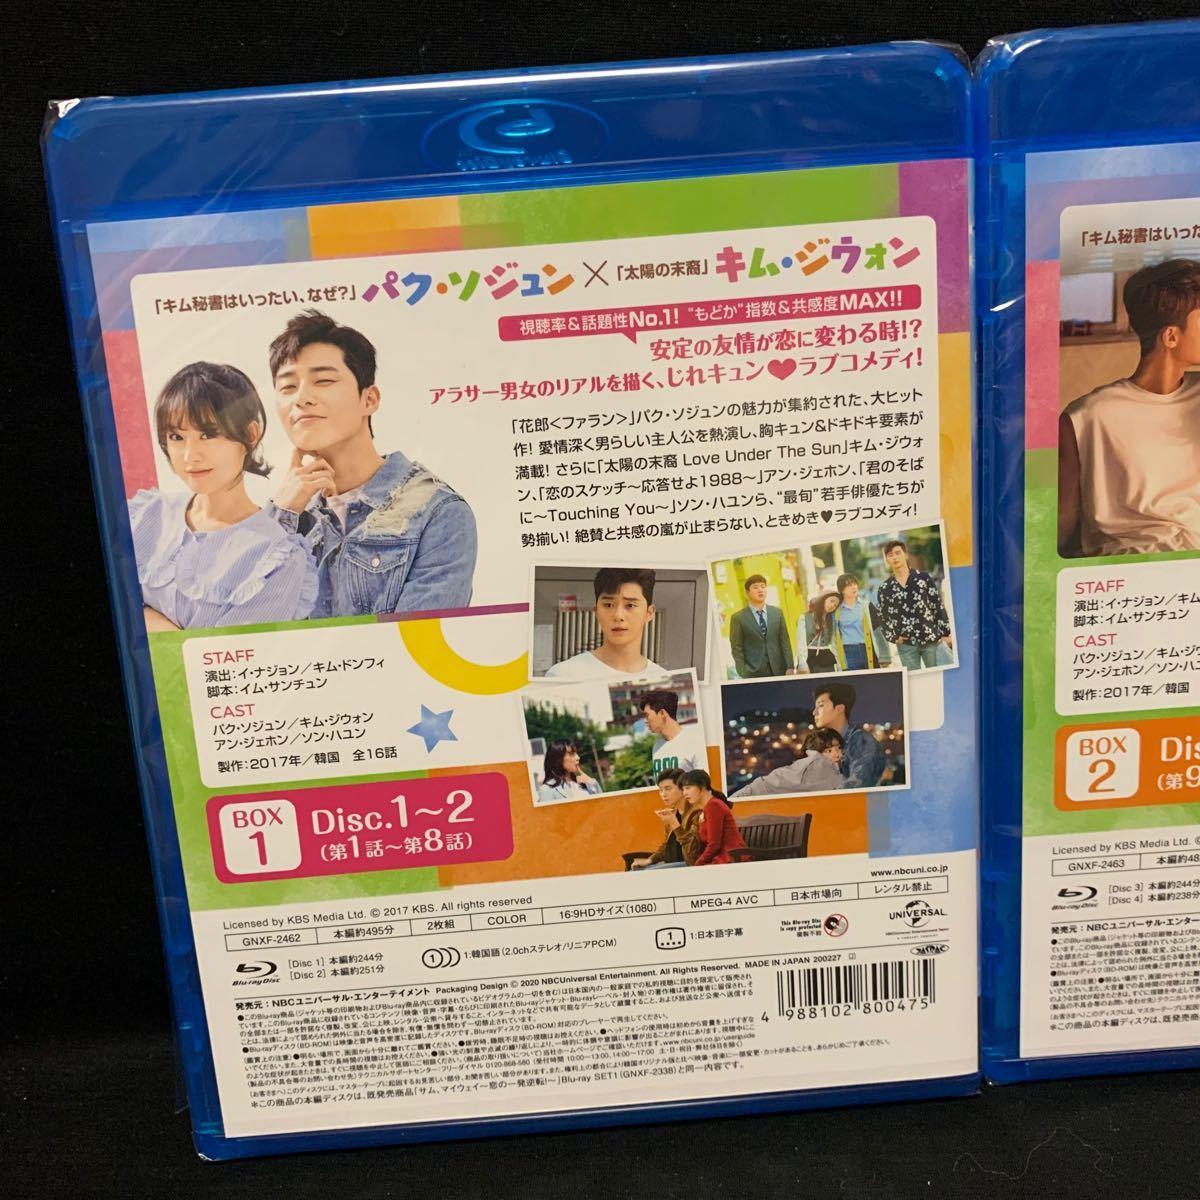 新品!サム、マイウェイ 恋の一発逆転! コンプリートシンプル Blu-ray-BOX1&2セット 正規品 ブルーレイ 韓流ドラマ